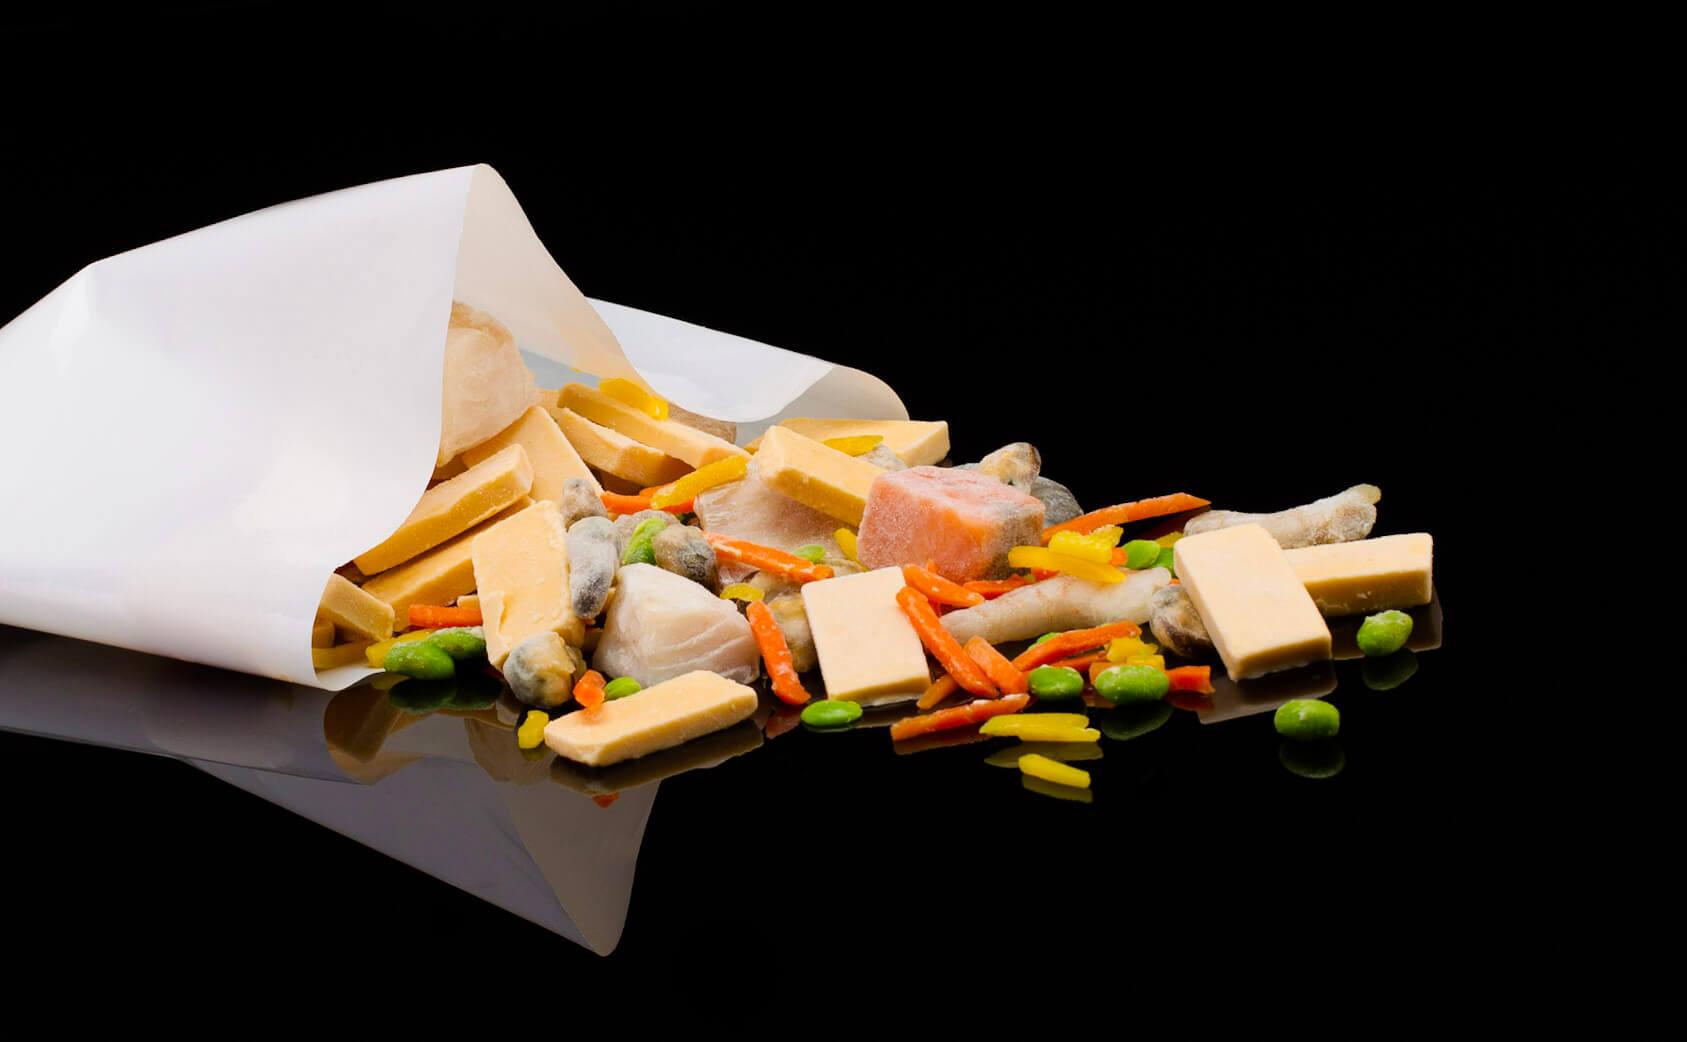 Les réalisations Lehmann Studio, photographe à Angers - shooting culinaire en studio légumes et poisson surgelés